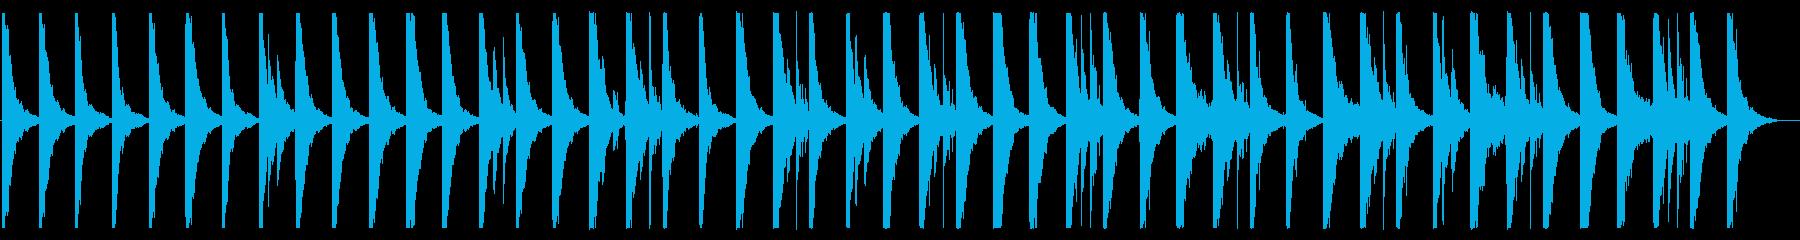 駆け足のようなハウス_No410_2の再生済みの波形